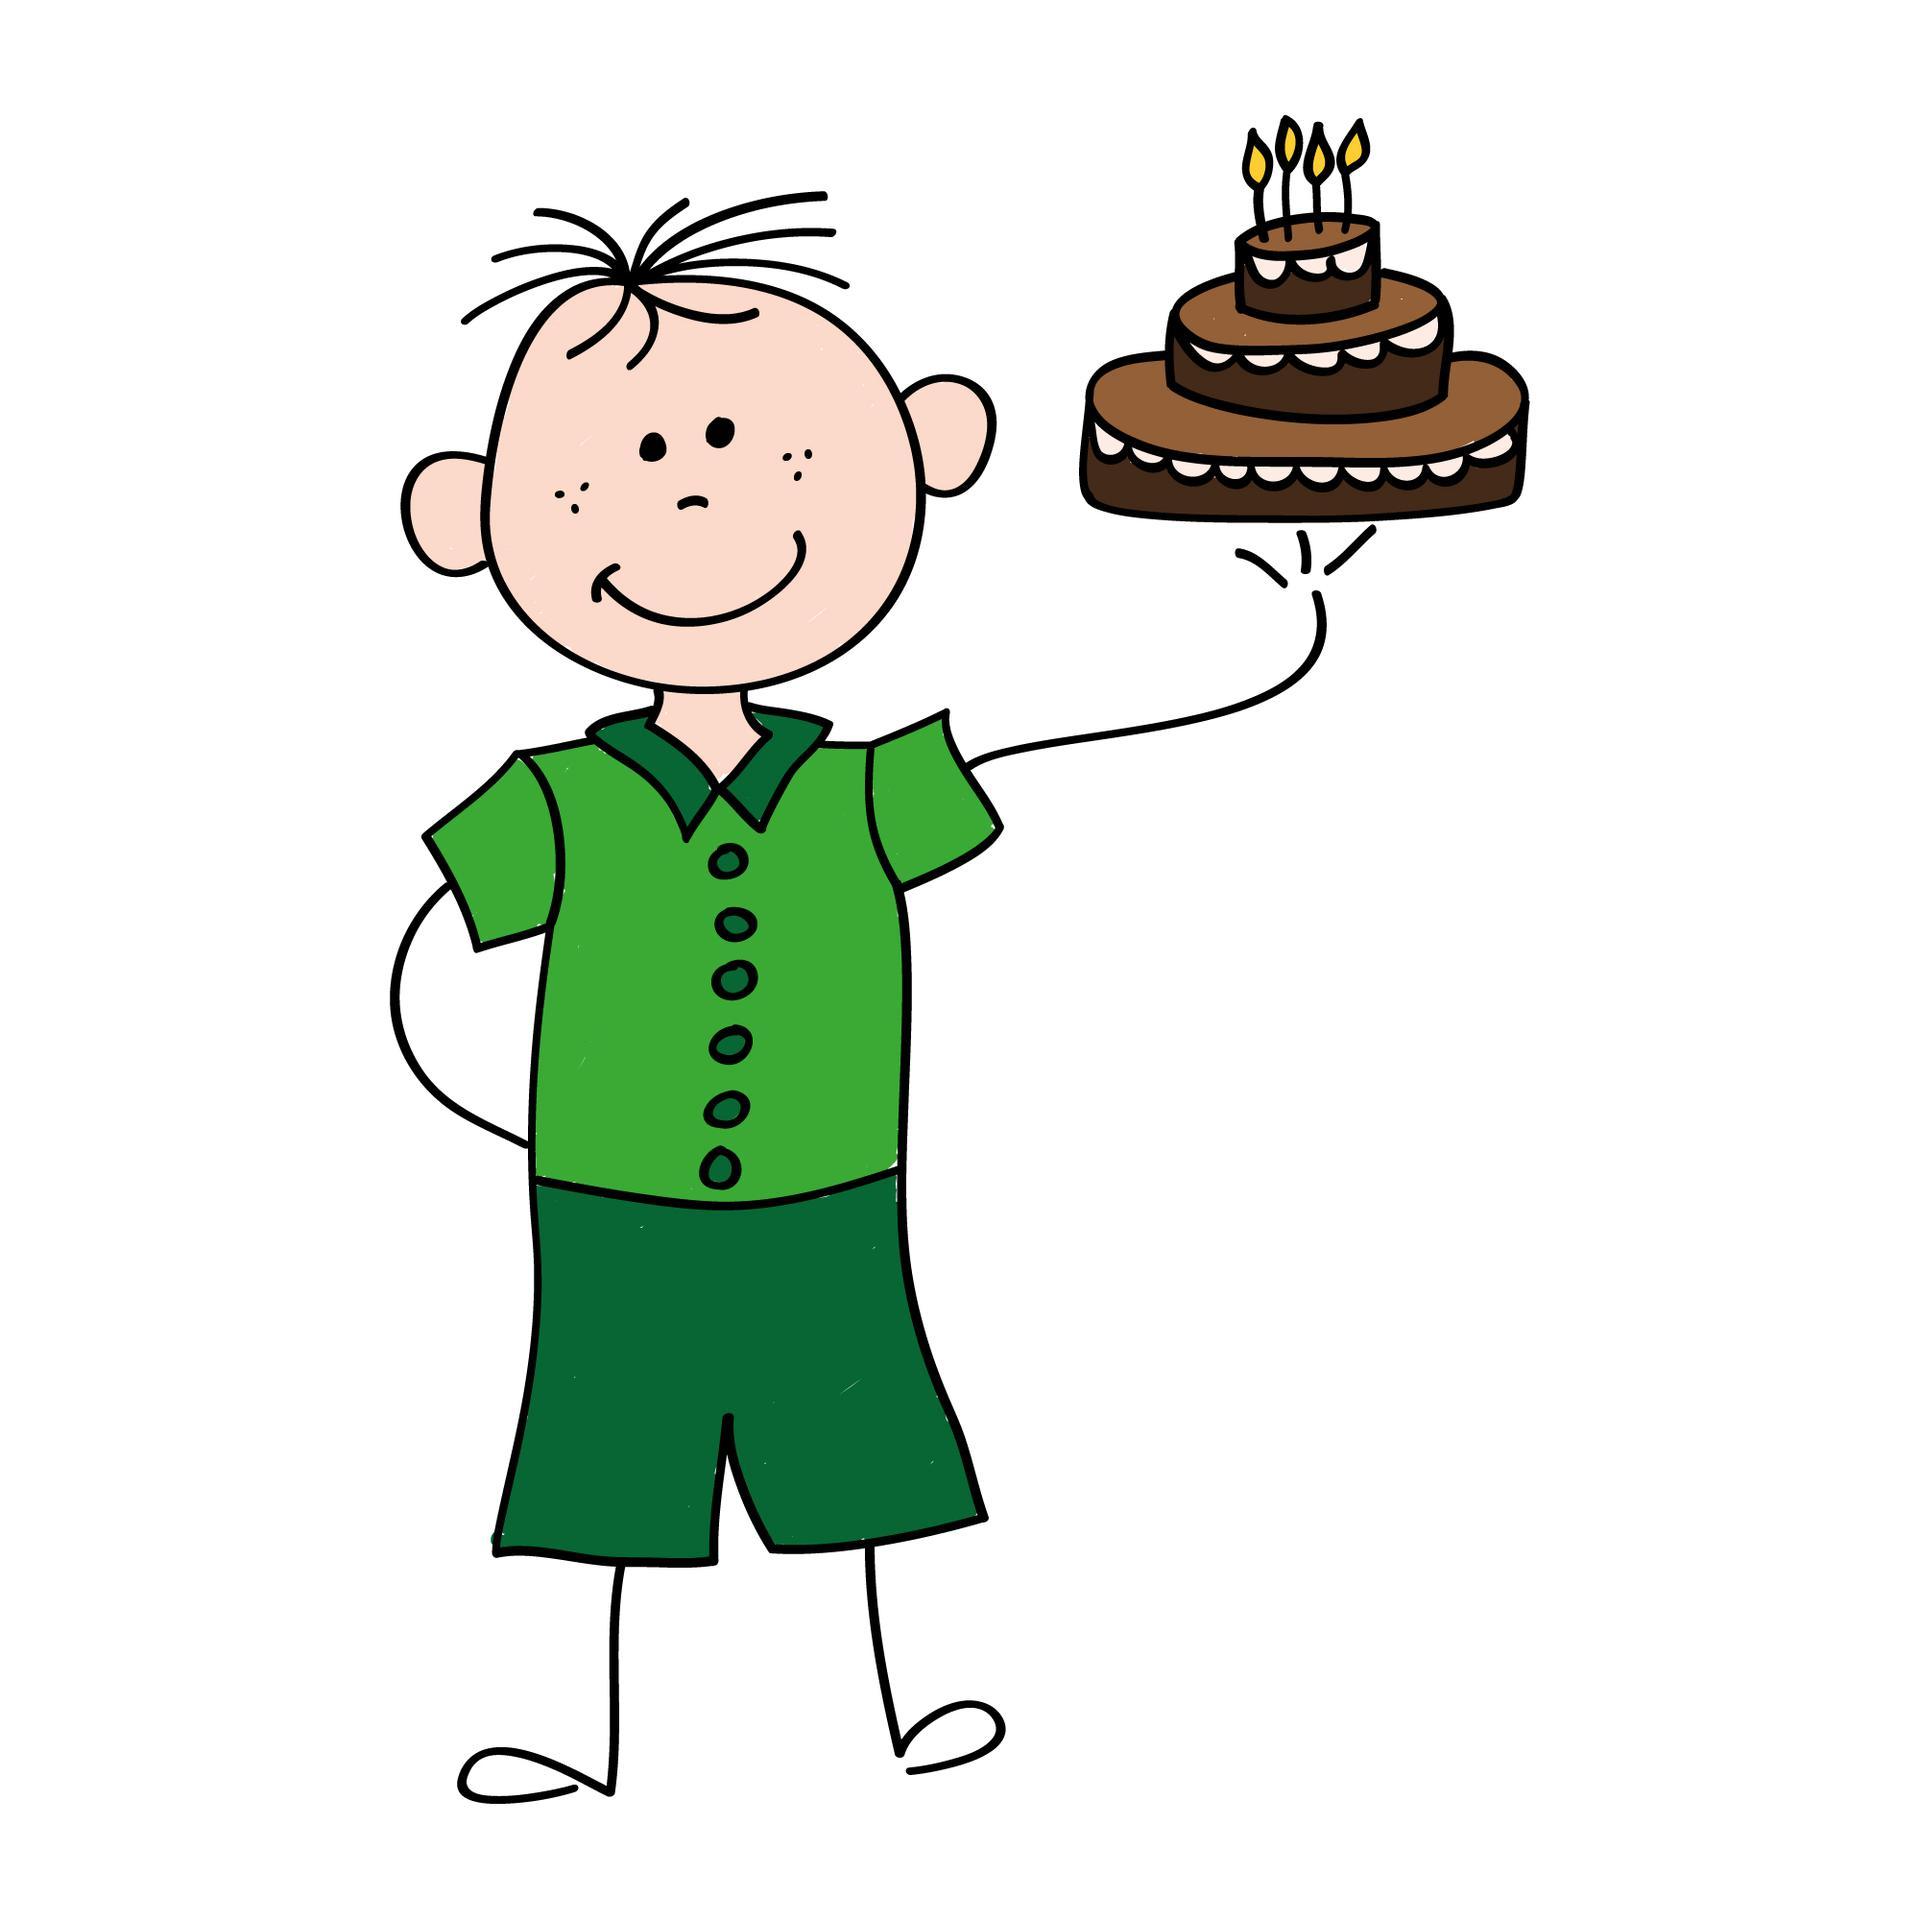 Zyczenia Urodzinowe Dla Chlopca Zabawne Zyczenia I Wierszyki